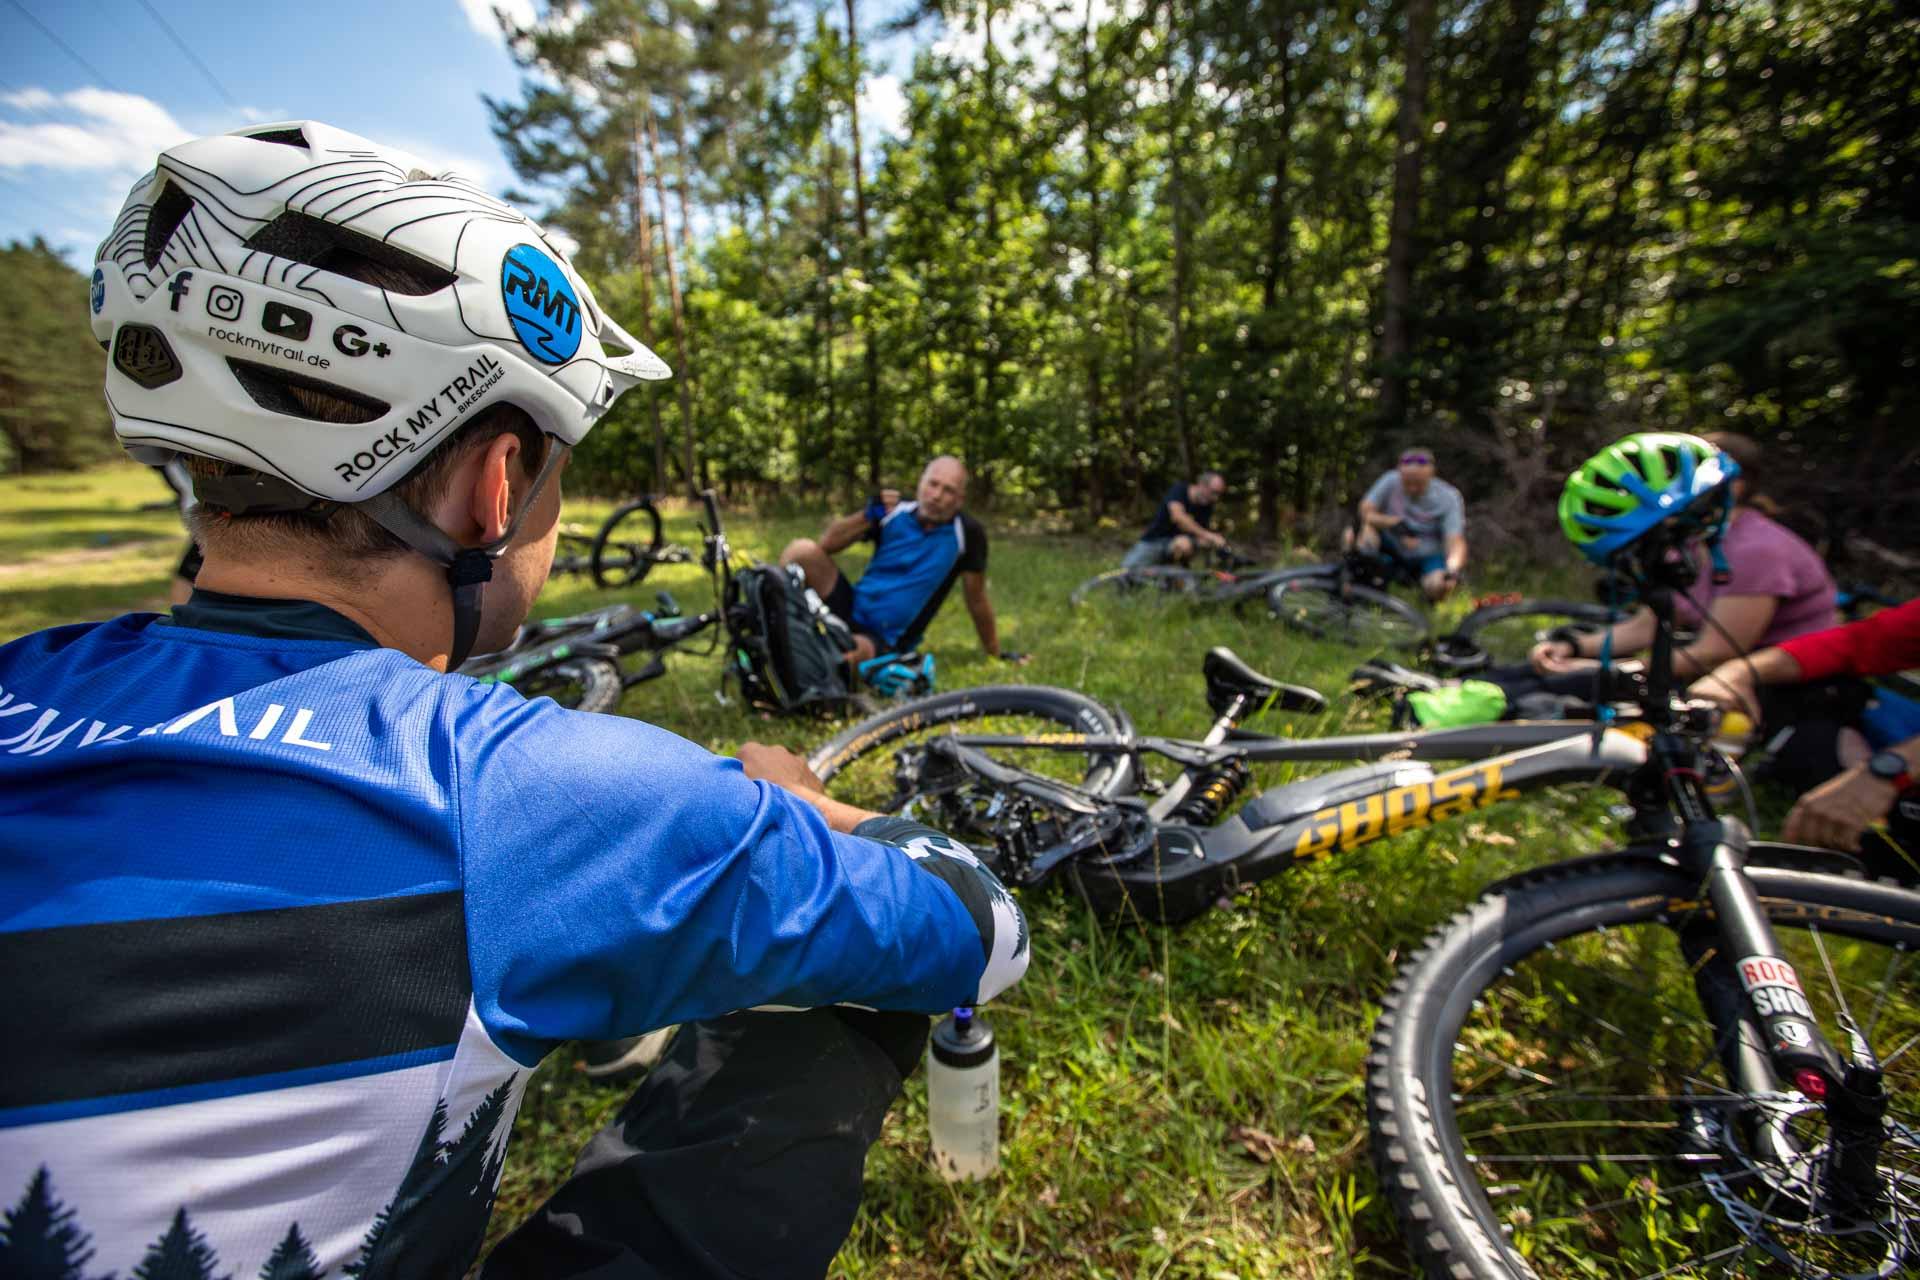 MTB Fahrtechnik Kurs für Einsteiger in Bad Orb   Spessart - Mountainbike Basic - Rock my Trail Bikeschule - 29